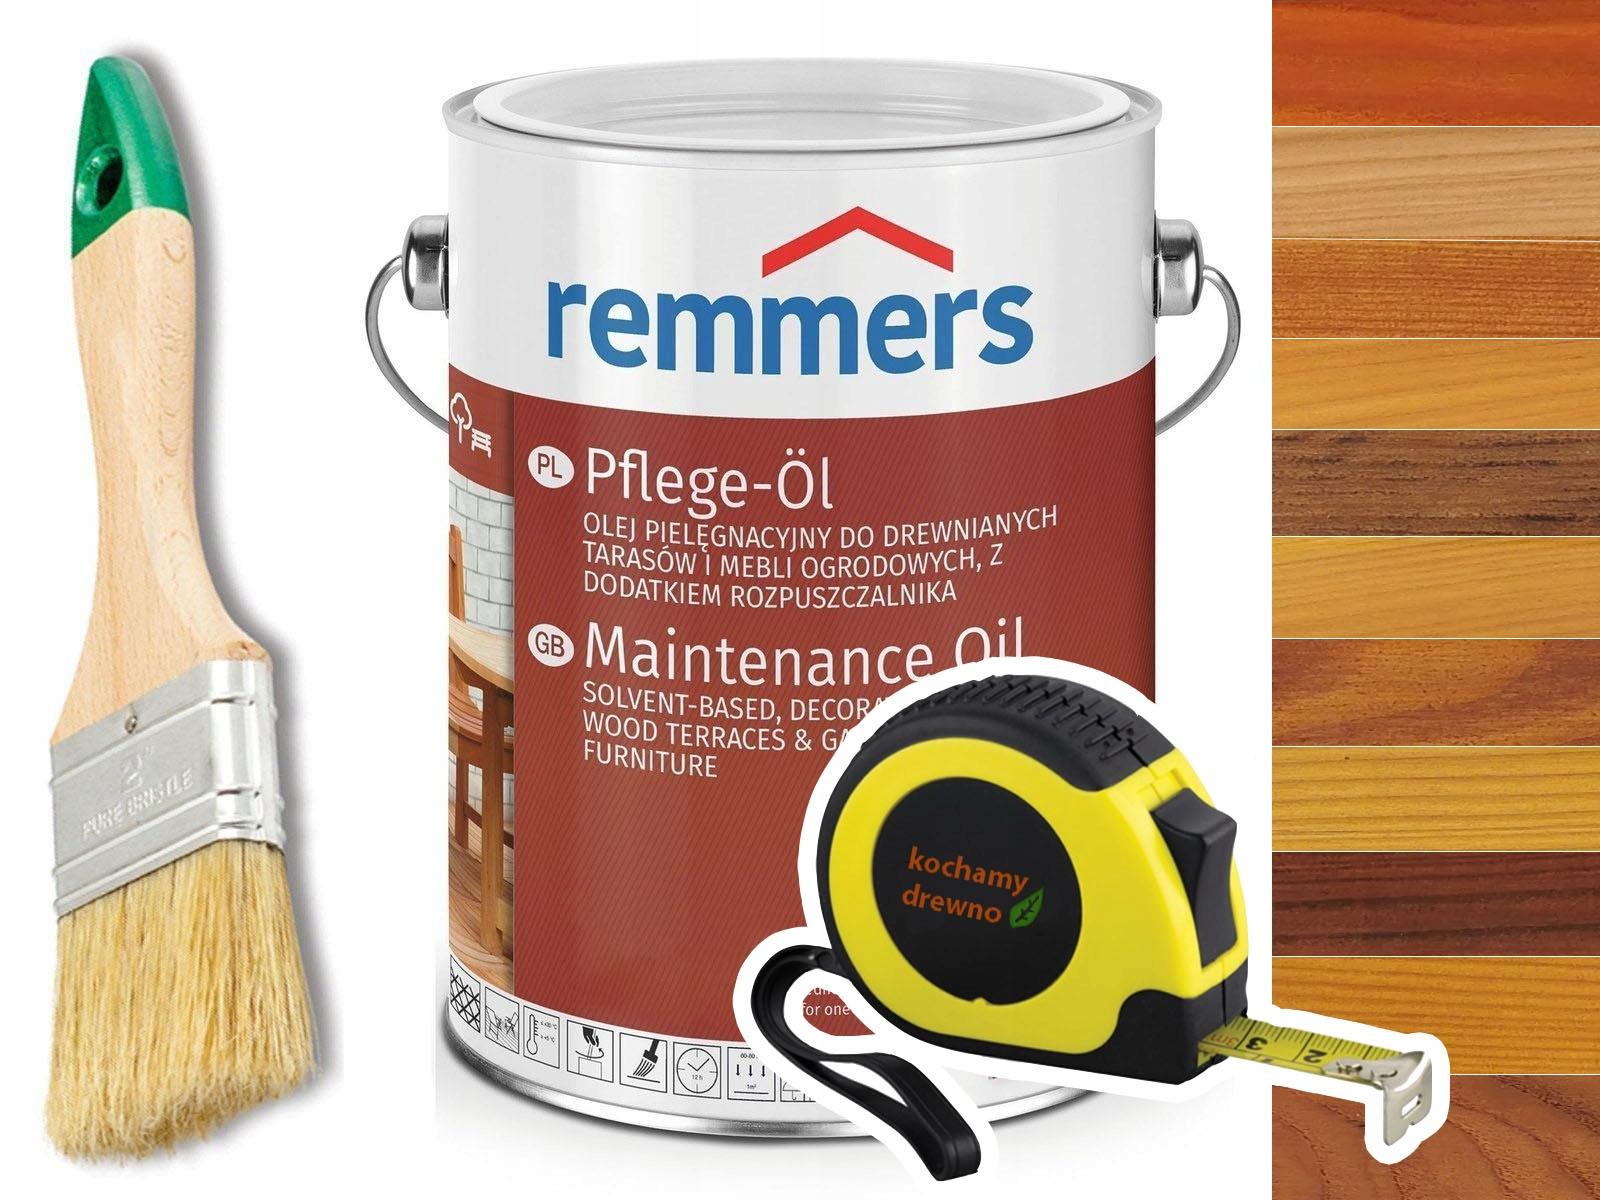 Реммерс Pflege-Ol терраса древесное масло COLORS 10L